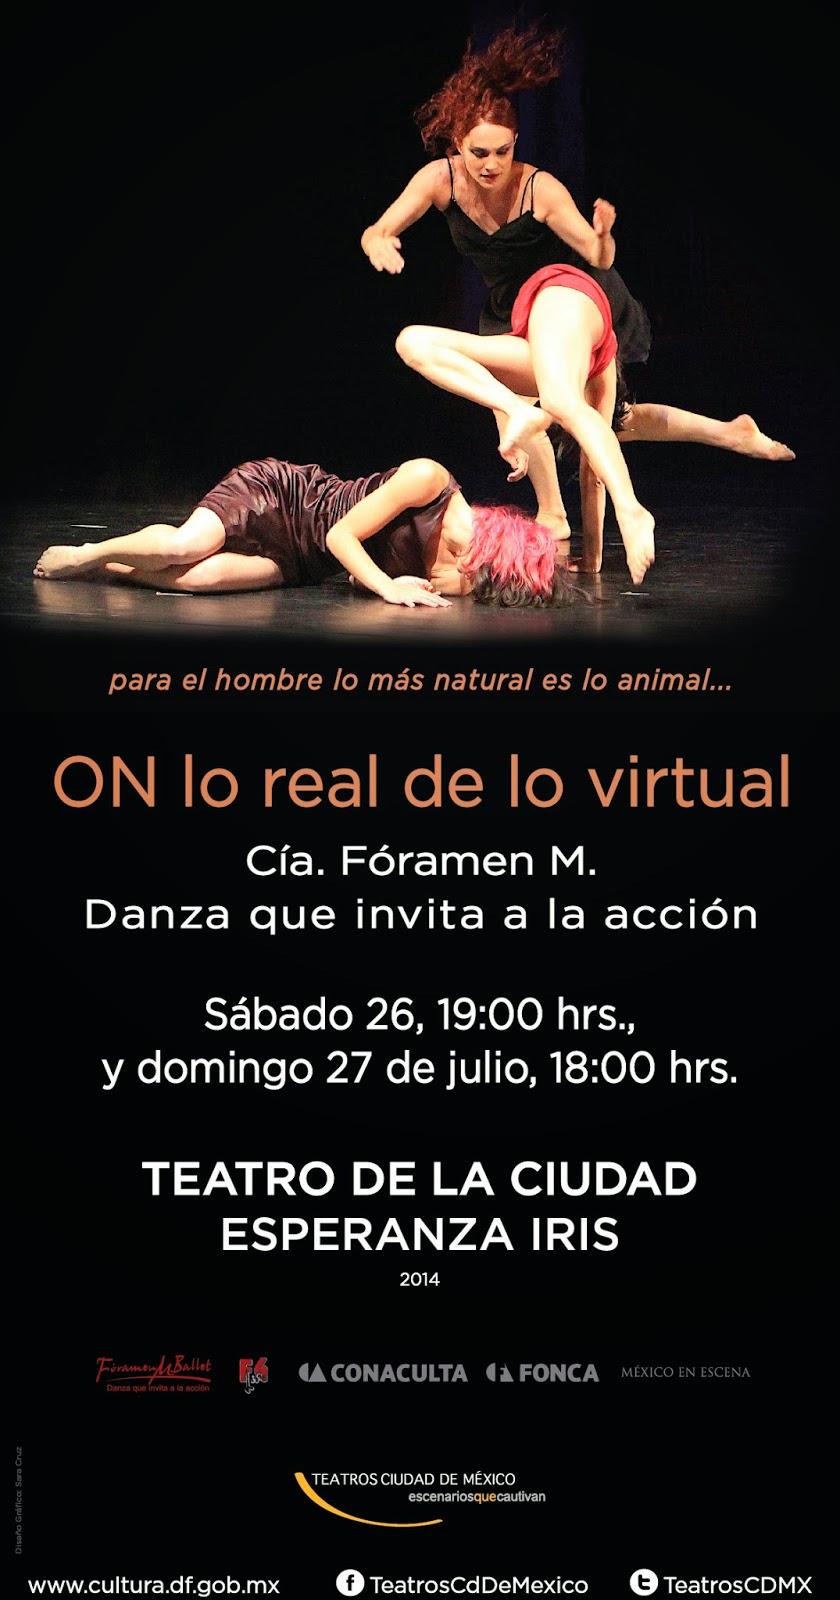 Interpretación sonora en vivo y edición de imágenes en tiempo real en el Teatro de la Ciudad